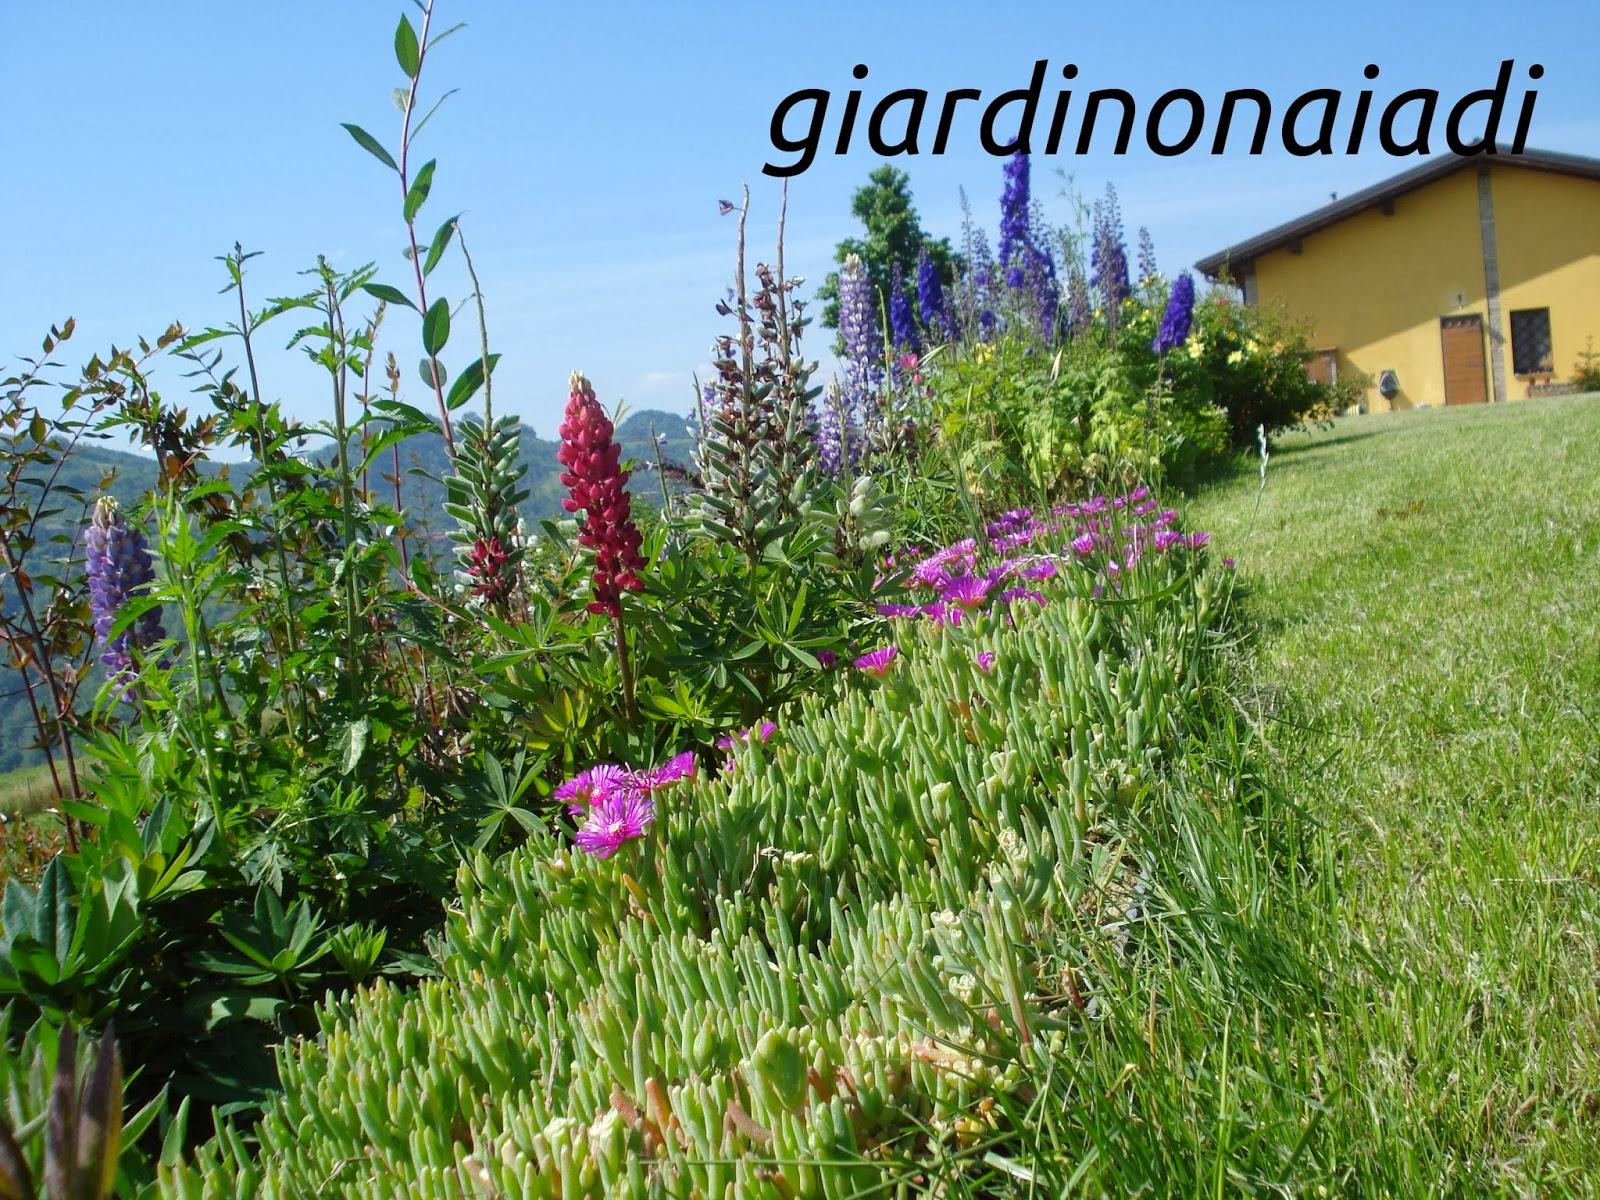 Il giardino delle naiadi: lo stile: il giardino di campagna